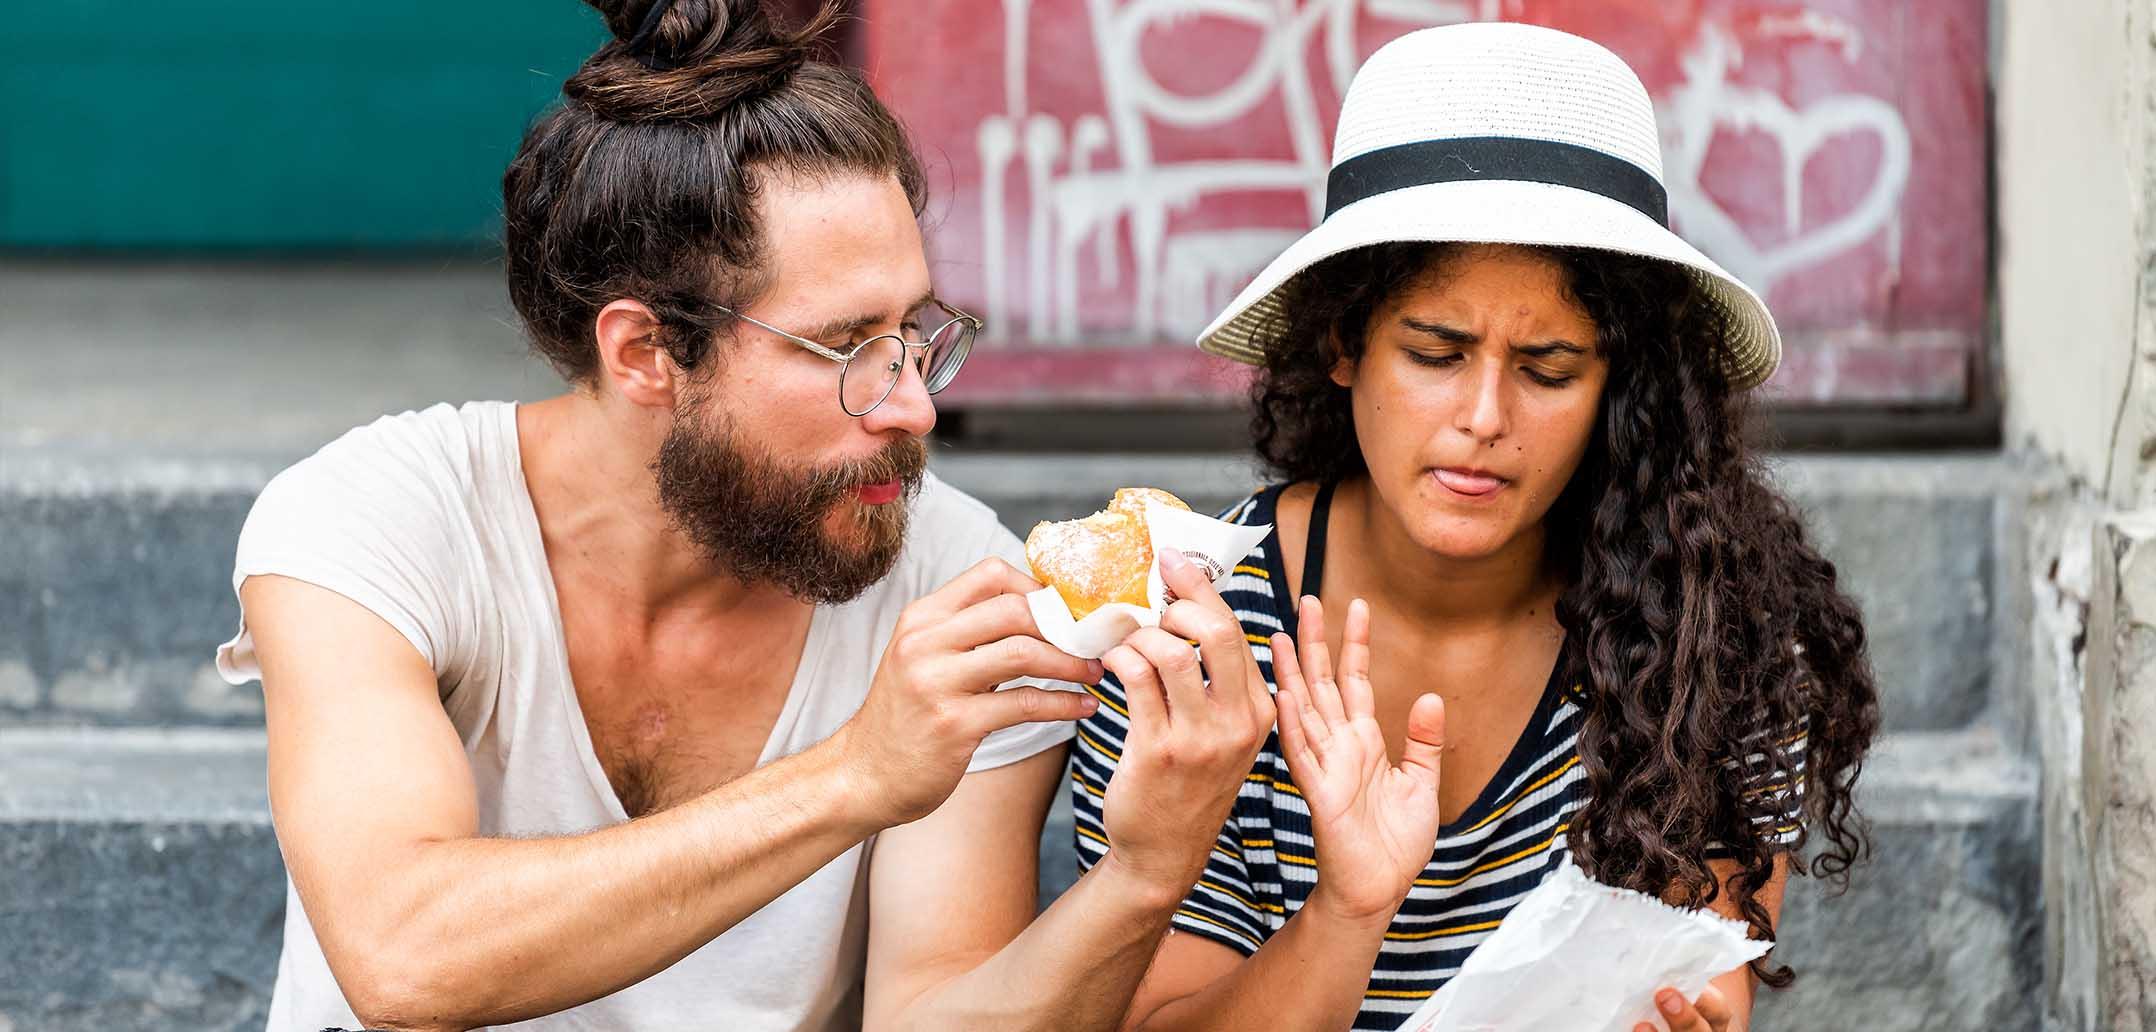 Die Ernährung ist ein beliebtes Streitthema in Beziehungen